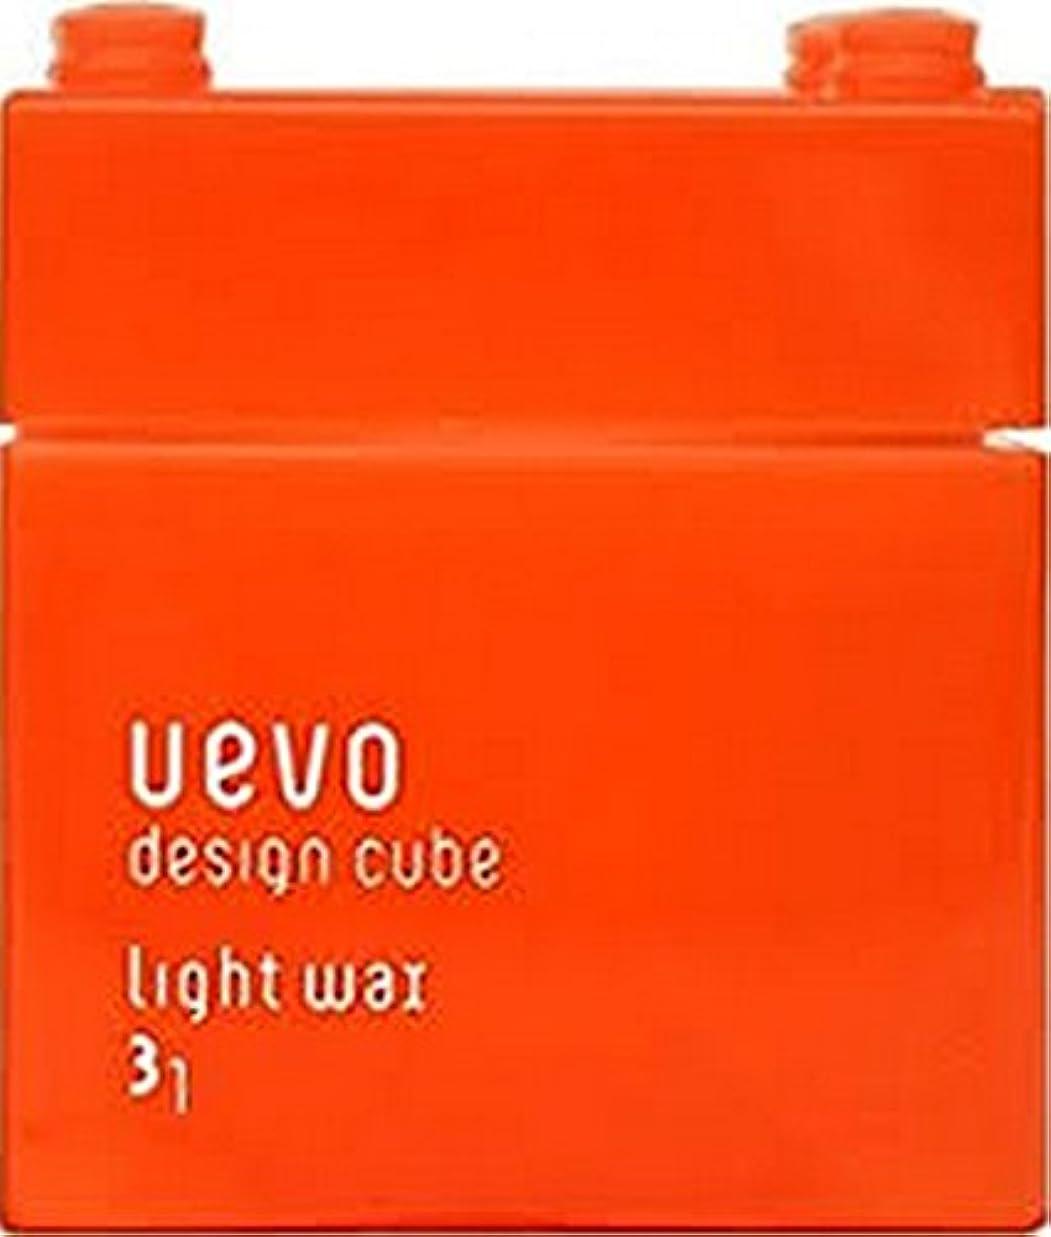 寄り添う宴会小売【デミコスメティクス】ウェーボ デザインキューブ ラウンドワックス 80g